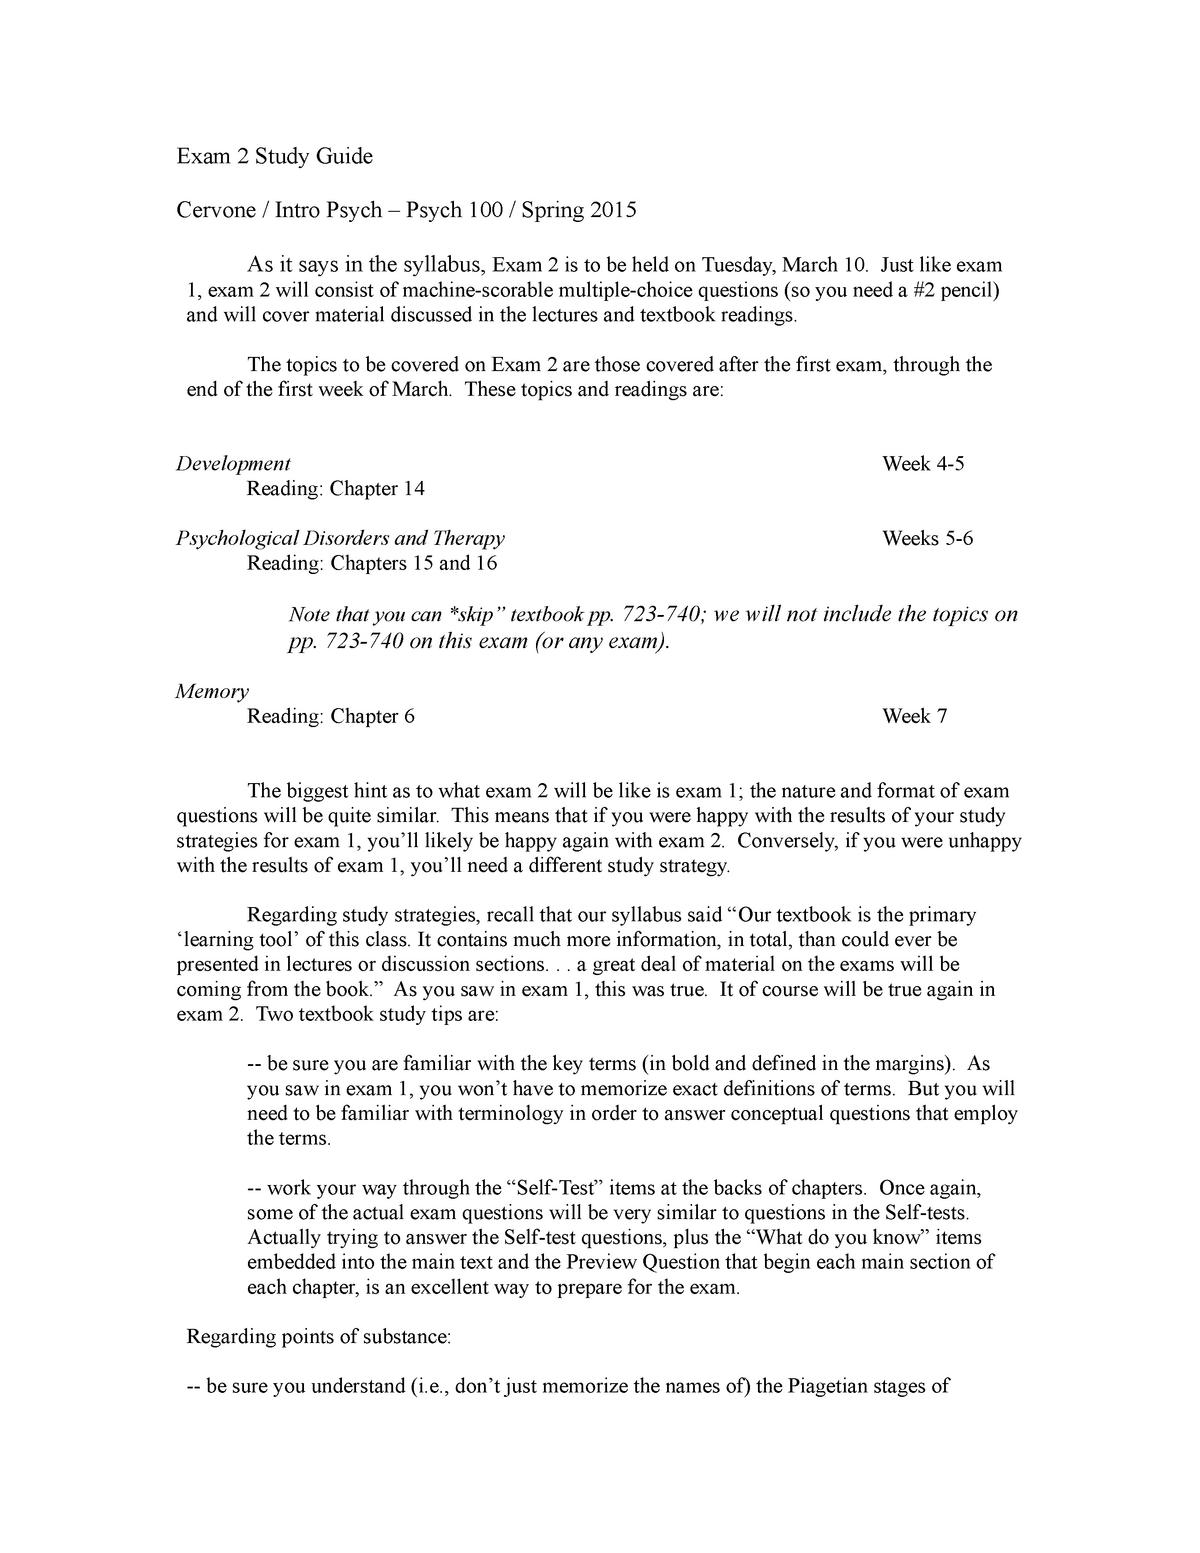 Exam 2 Study Guide 100 cervone spring 2015 - PSCH 100